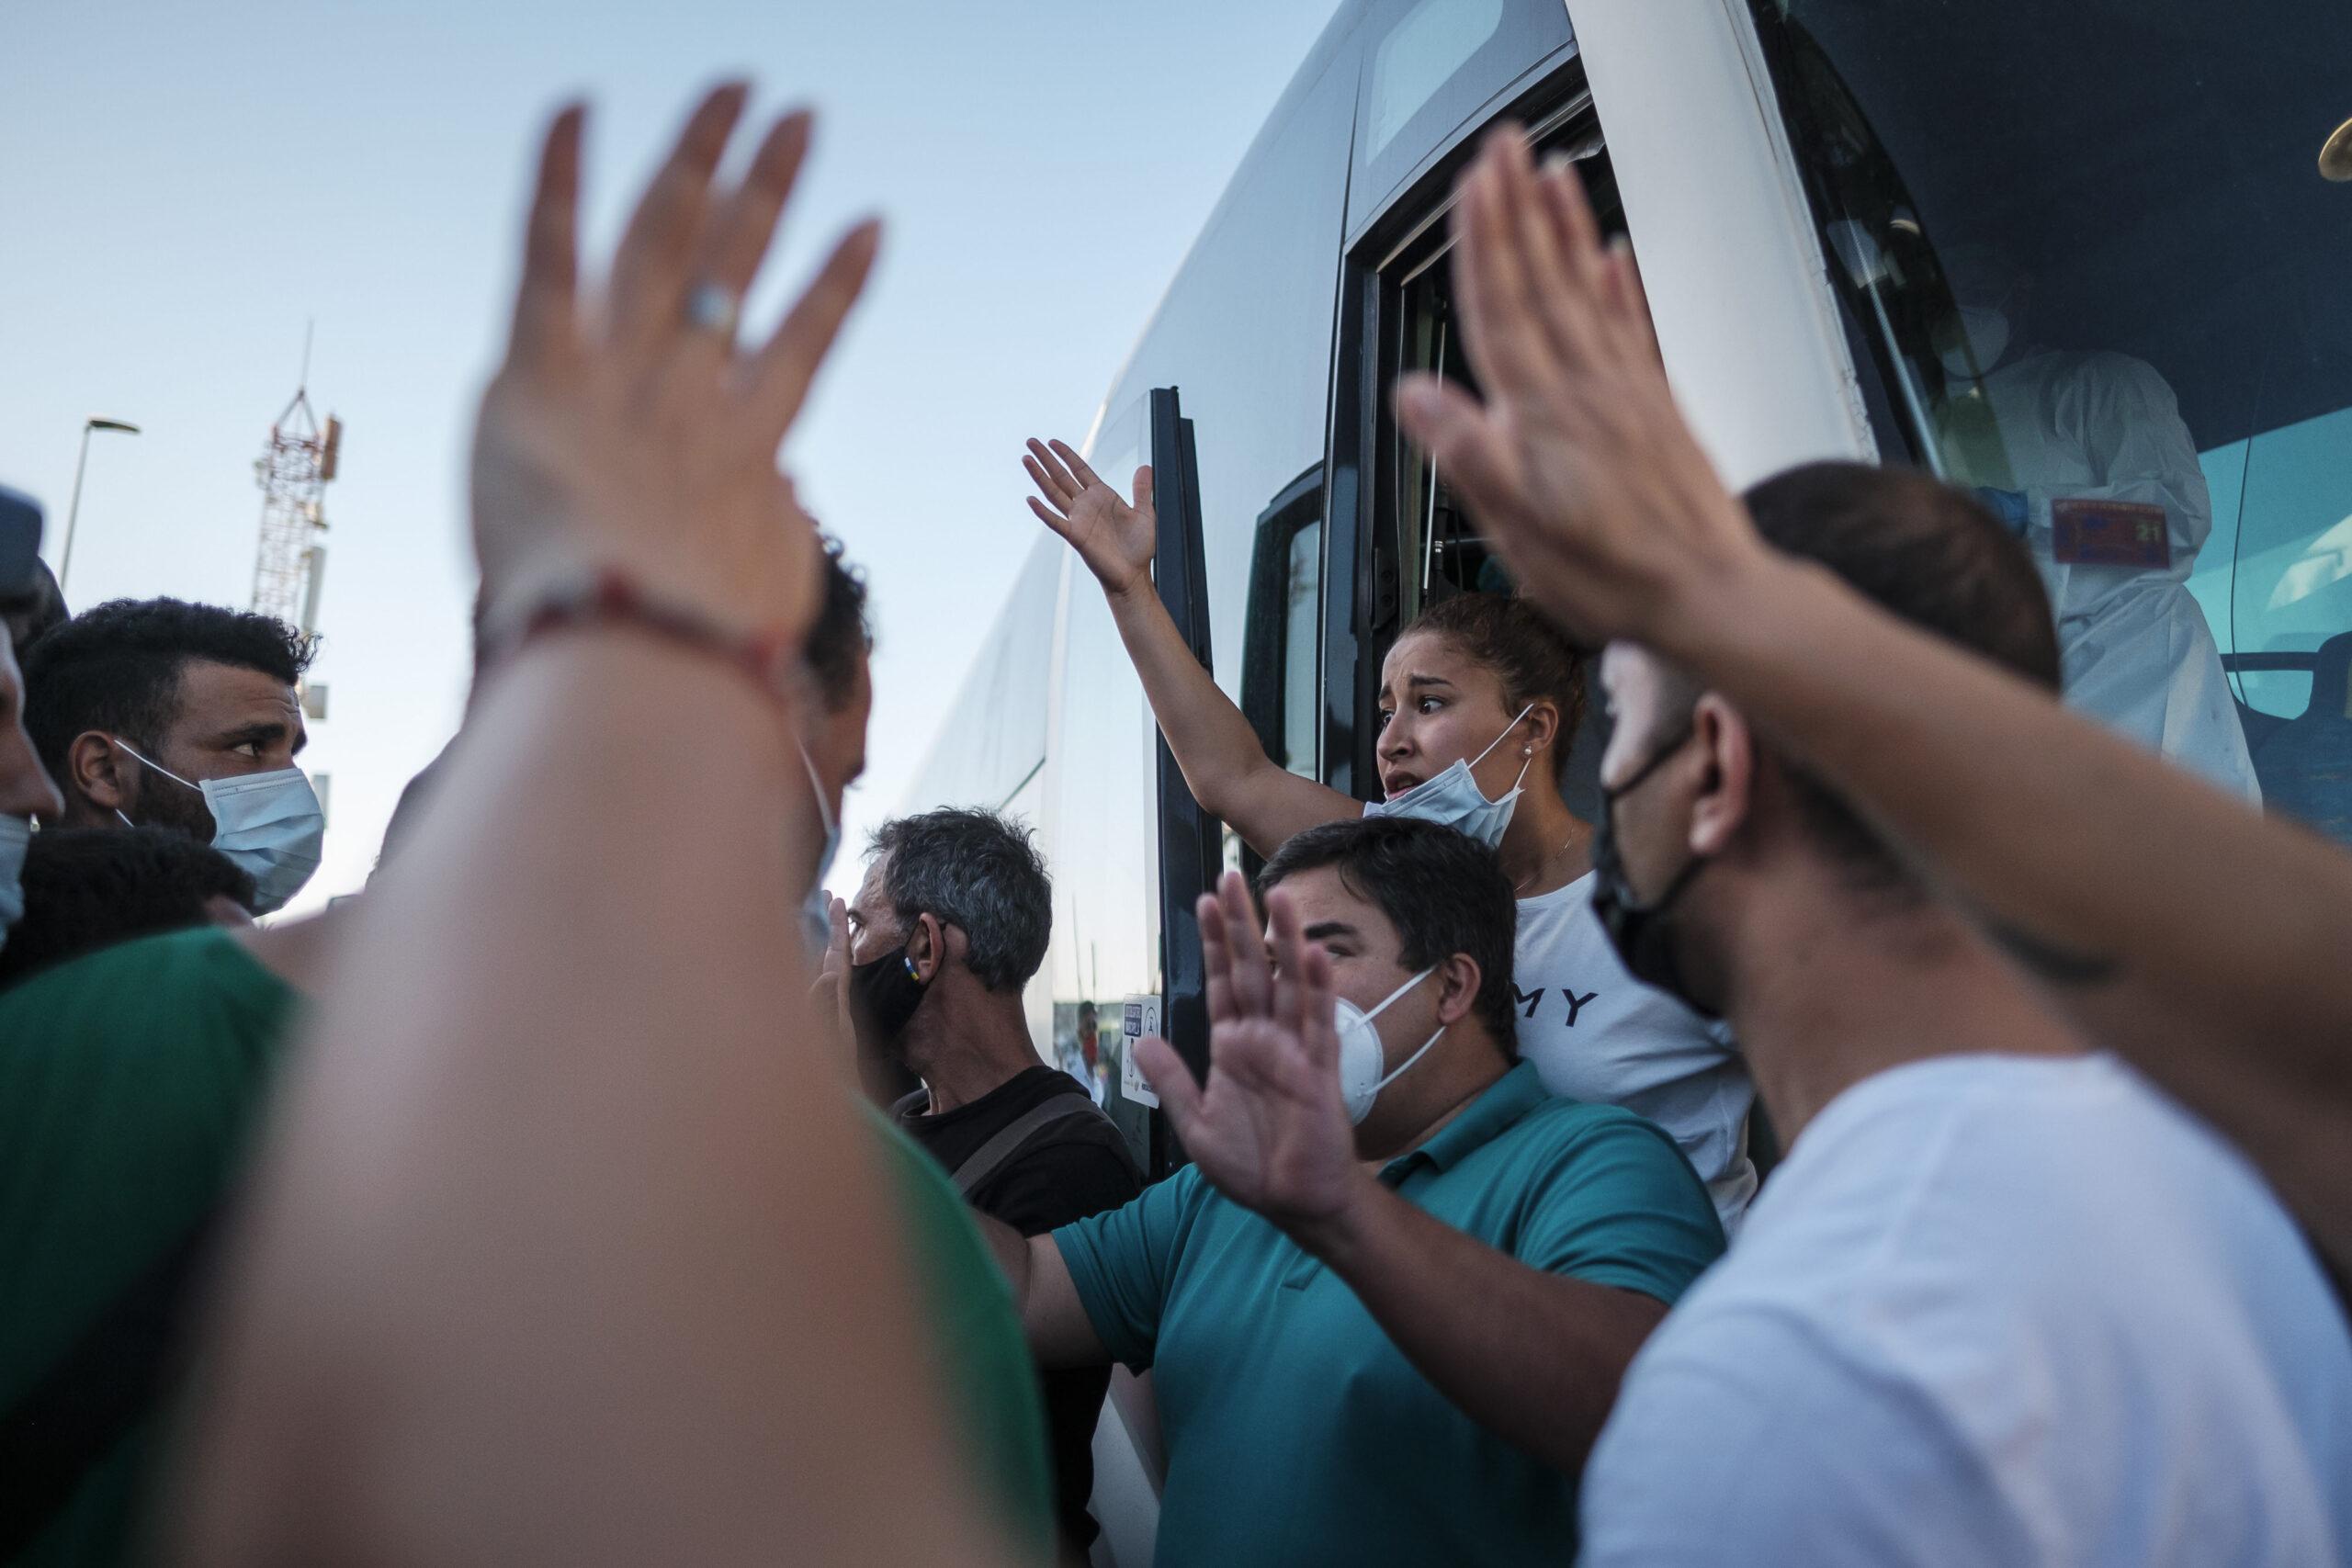 Mención de Honor . Categoría: Sociedad (Serie). ARGUINEGUÍN (GRAN CANARIA) (ESPAÑA), 17/11/2020.- Entre 200 y 250 inmigrantes marroquíes que se encontraban en el muelle de Arguineguín han sido conducidos por la Policía fuera del campamento de la Cruz Roja y serán trasladados en autobuses dispuestos por el Ayuntamiento de Mogán a Las Palmas de Gran Canaria. El grupo está recibiendo la ayuda improvisada como intérprete de Sarah Bettache (detrás), una ciudadana marroquí que llegó el lunes a Arguineguín desde Francia tras enterarse de que su hermano podía haber llegado en patera a la isla y ha conseguido encontrarlo en el muelle. Ángel Medina G.